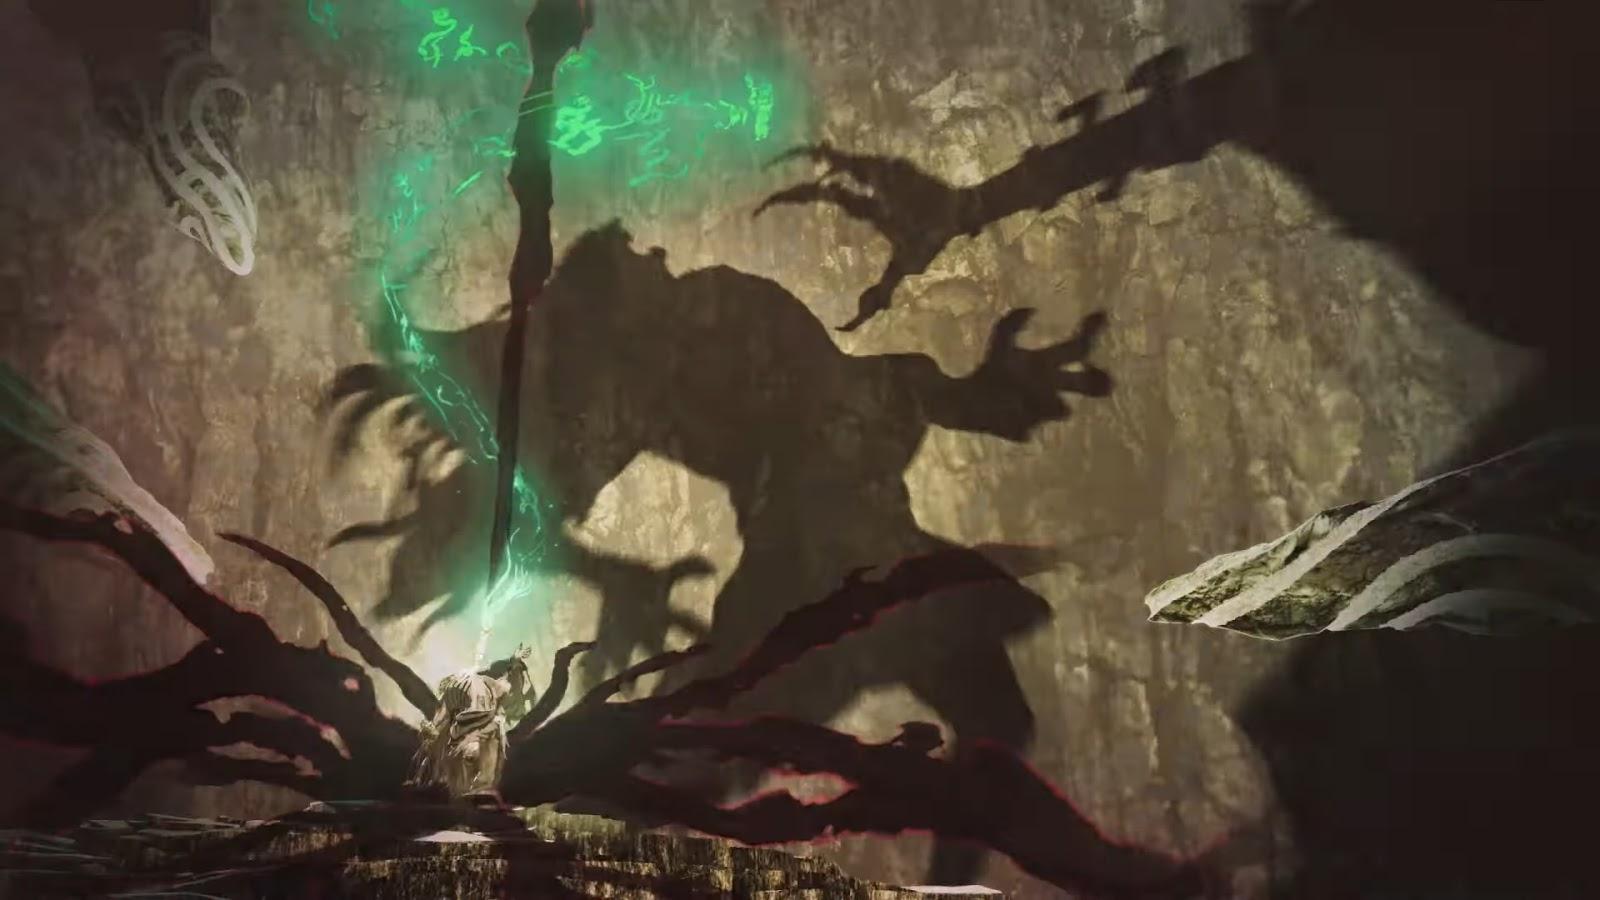 考察】『ゼルダの伝説 ブレス オブ ザ ワイルド』続編の初報トレーラーを読み取る|心と身体の狭間にて